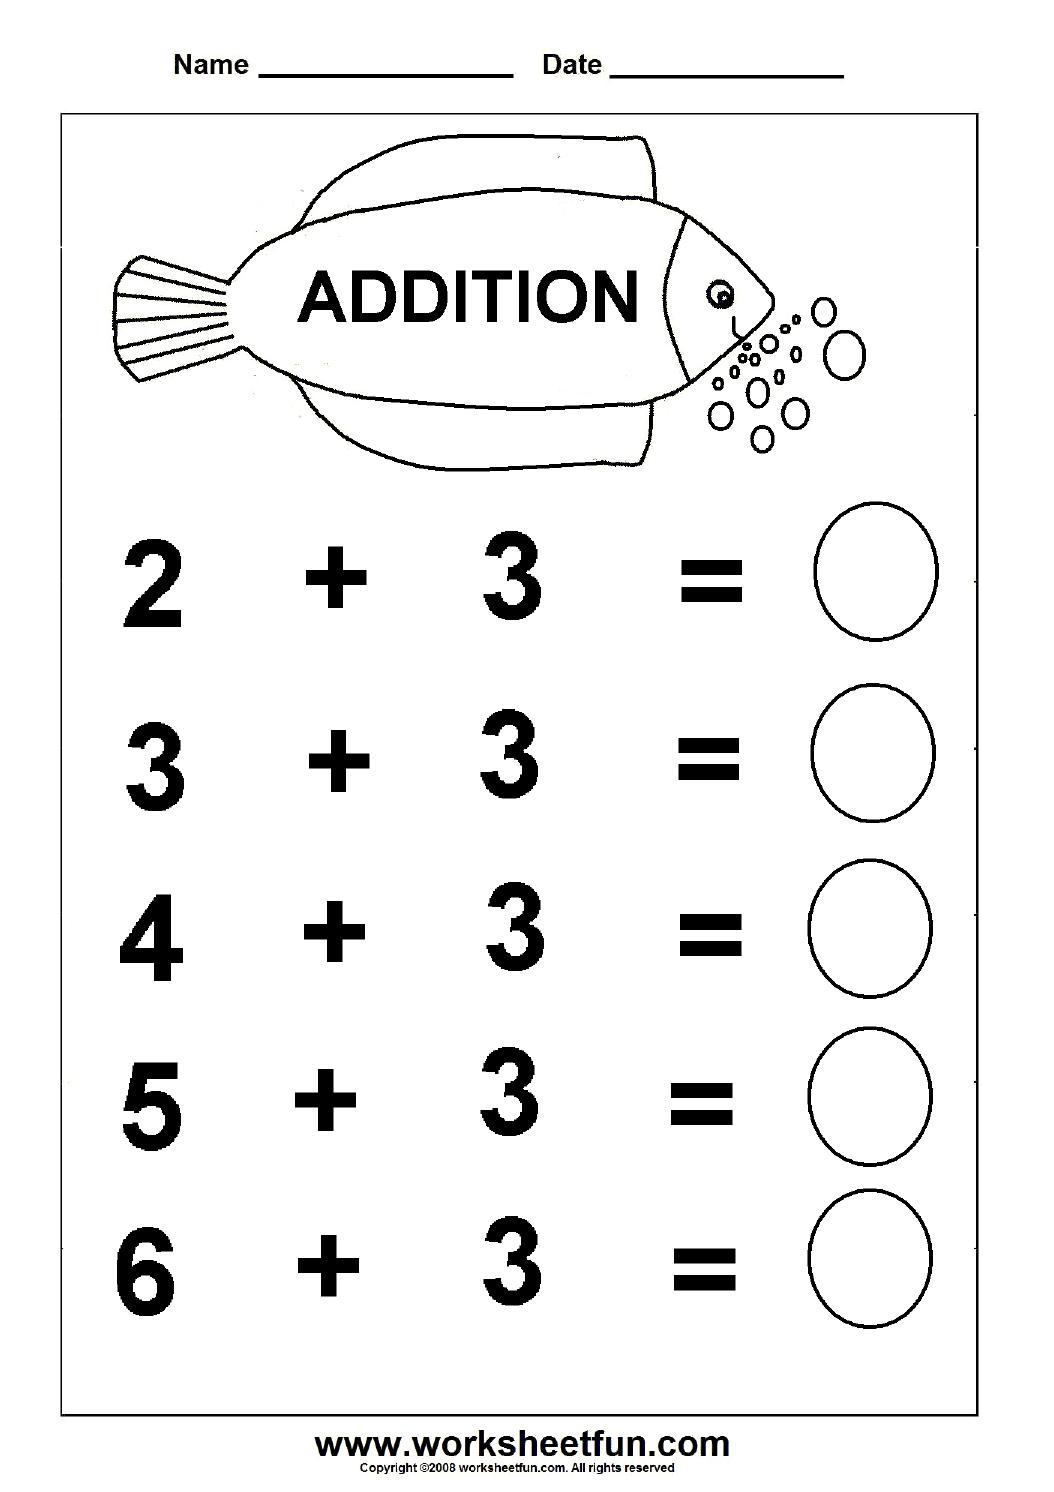 Addition Math Worksheets For Kindergarten